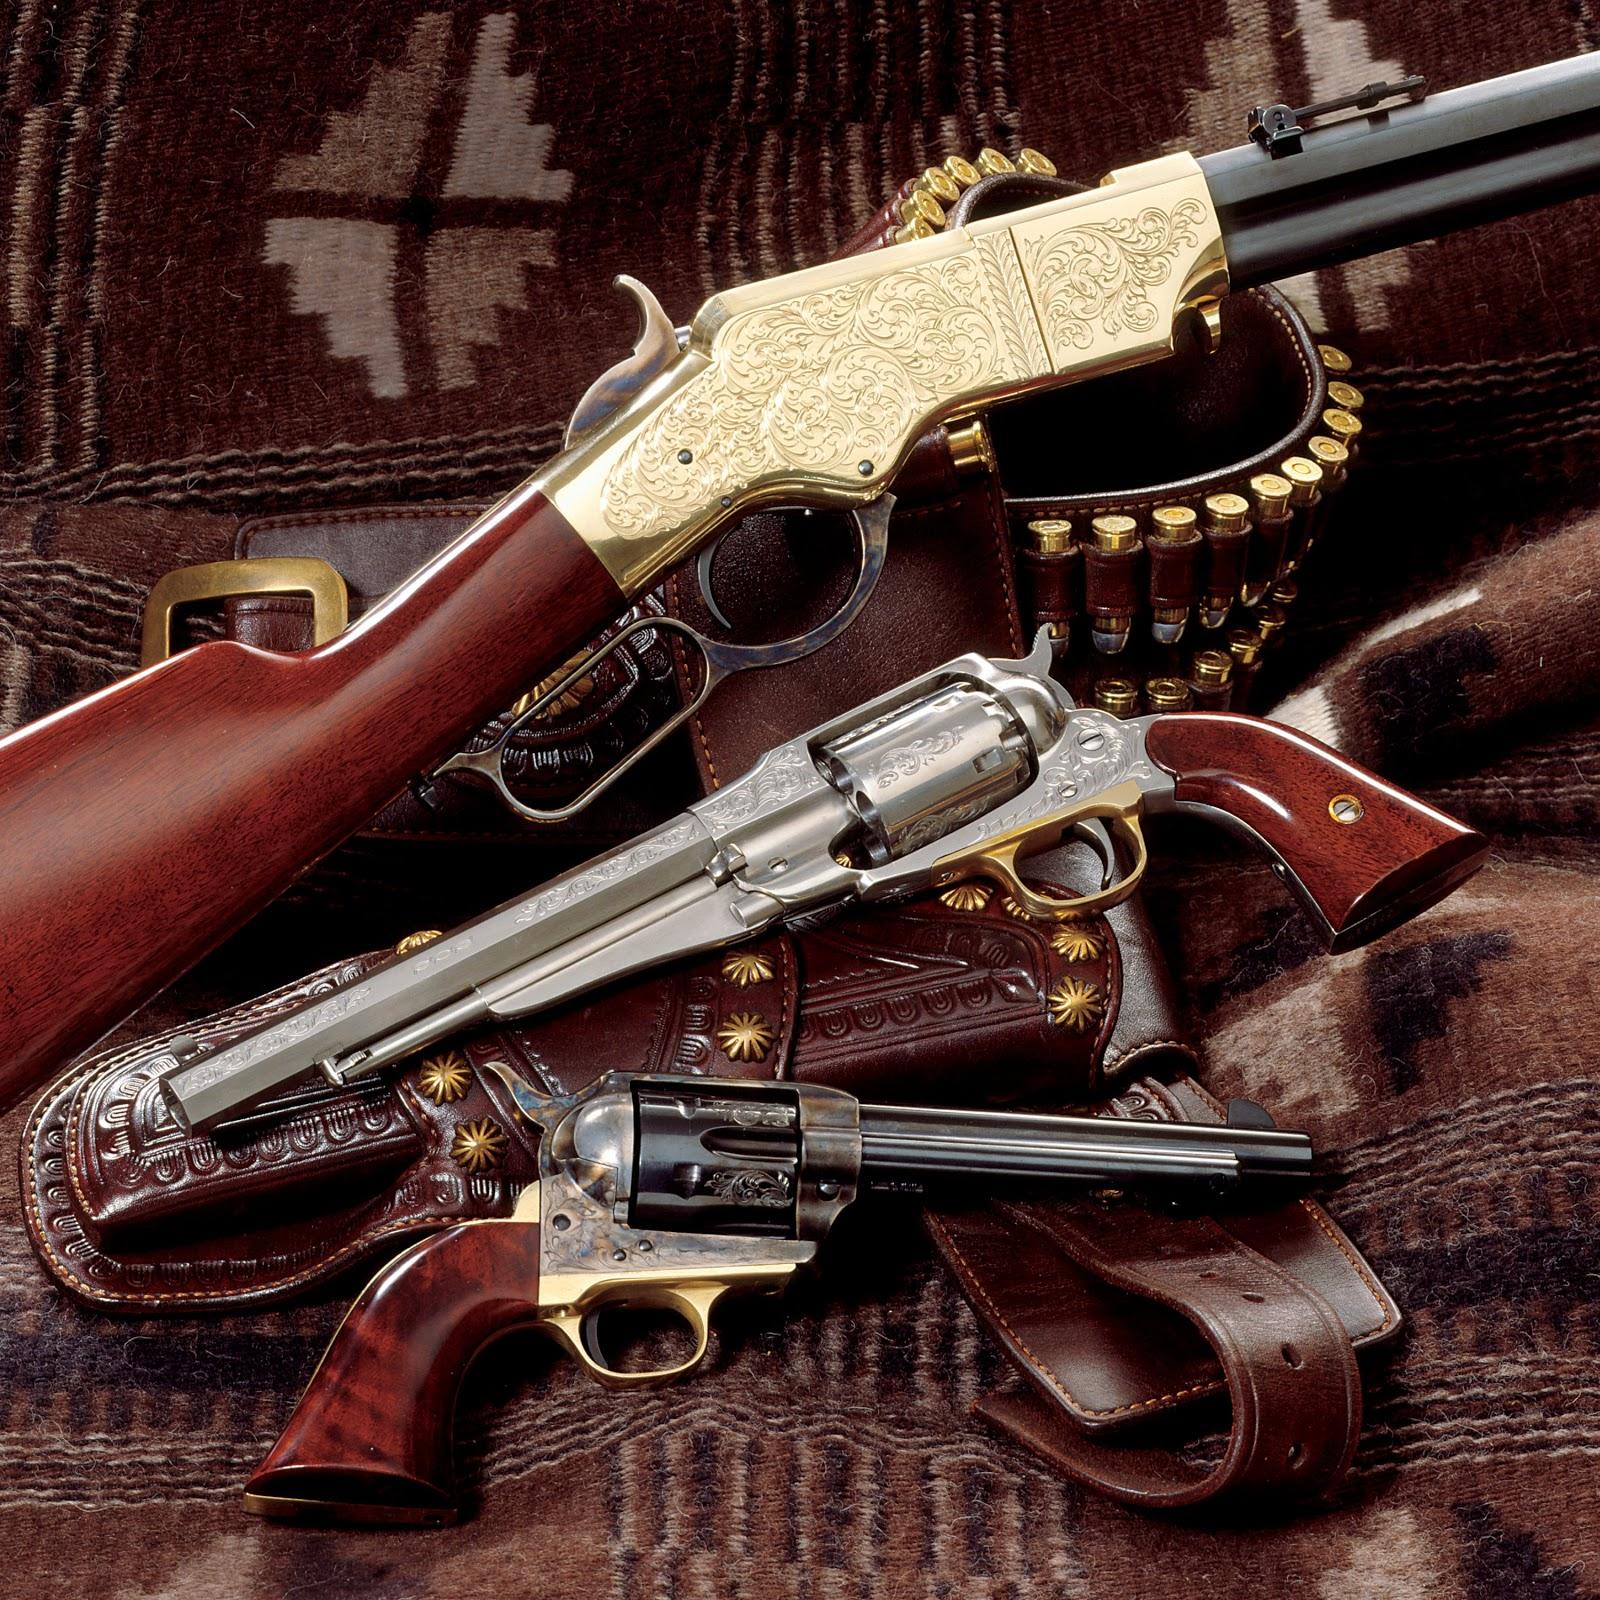 Guns Weapons Cool Guns Wallpapers 2 1600x1600